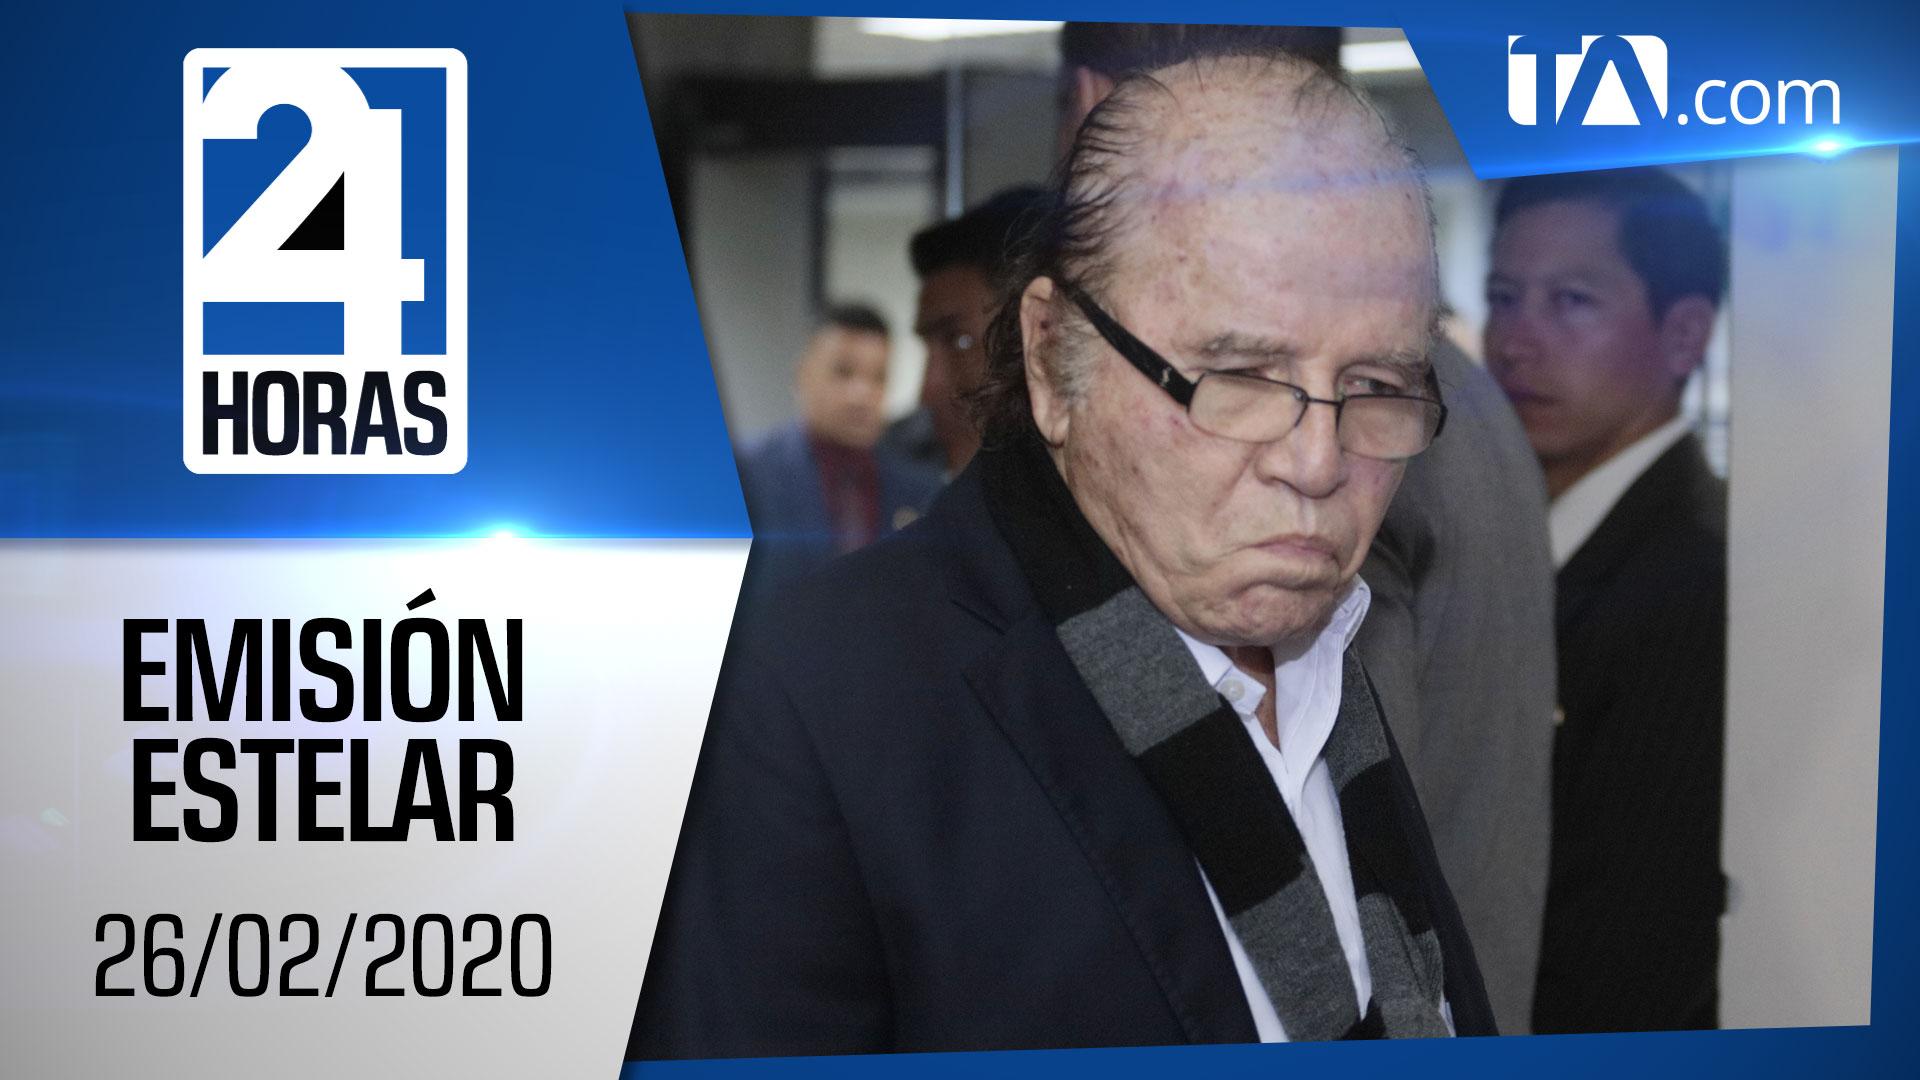 Noticias Ecuador: Noticiero 24 Horas, 26/02/2020 (Emisión Estelar)